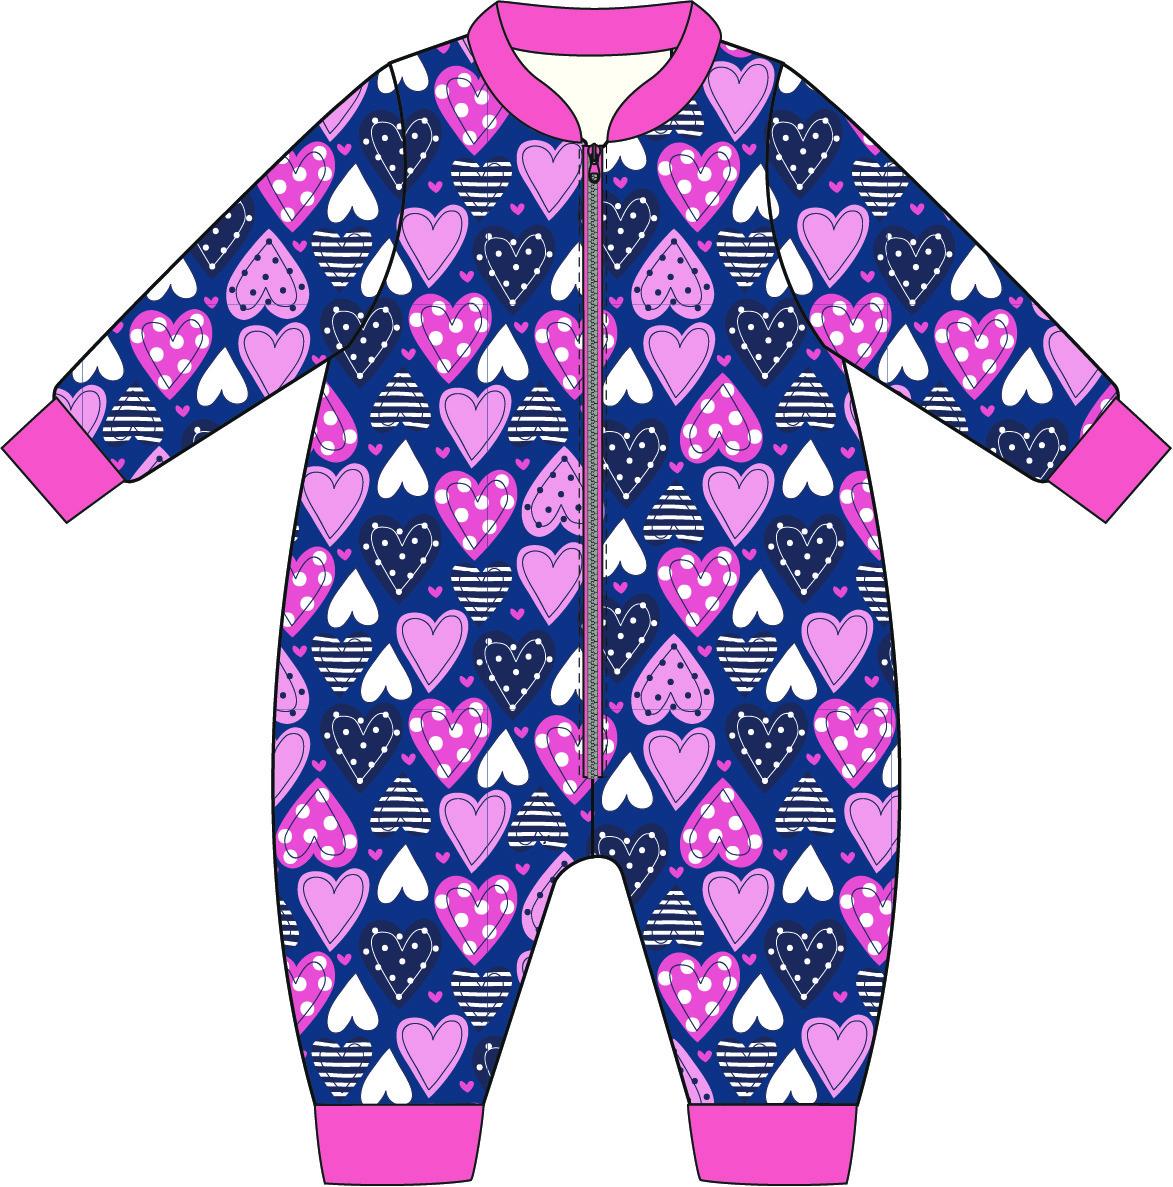 Купить Пижамы, Комбинезон для девочки Barkito, синий с рисунком сердечки, Россия, Женский